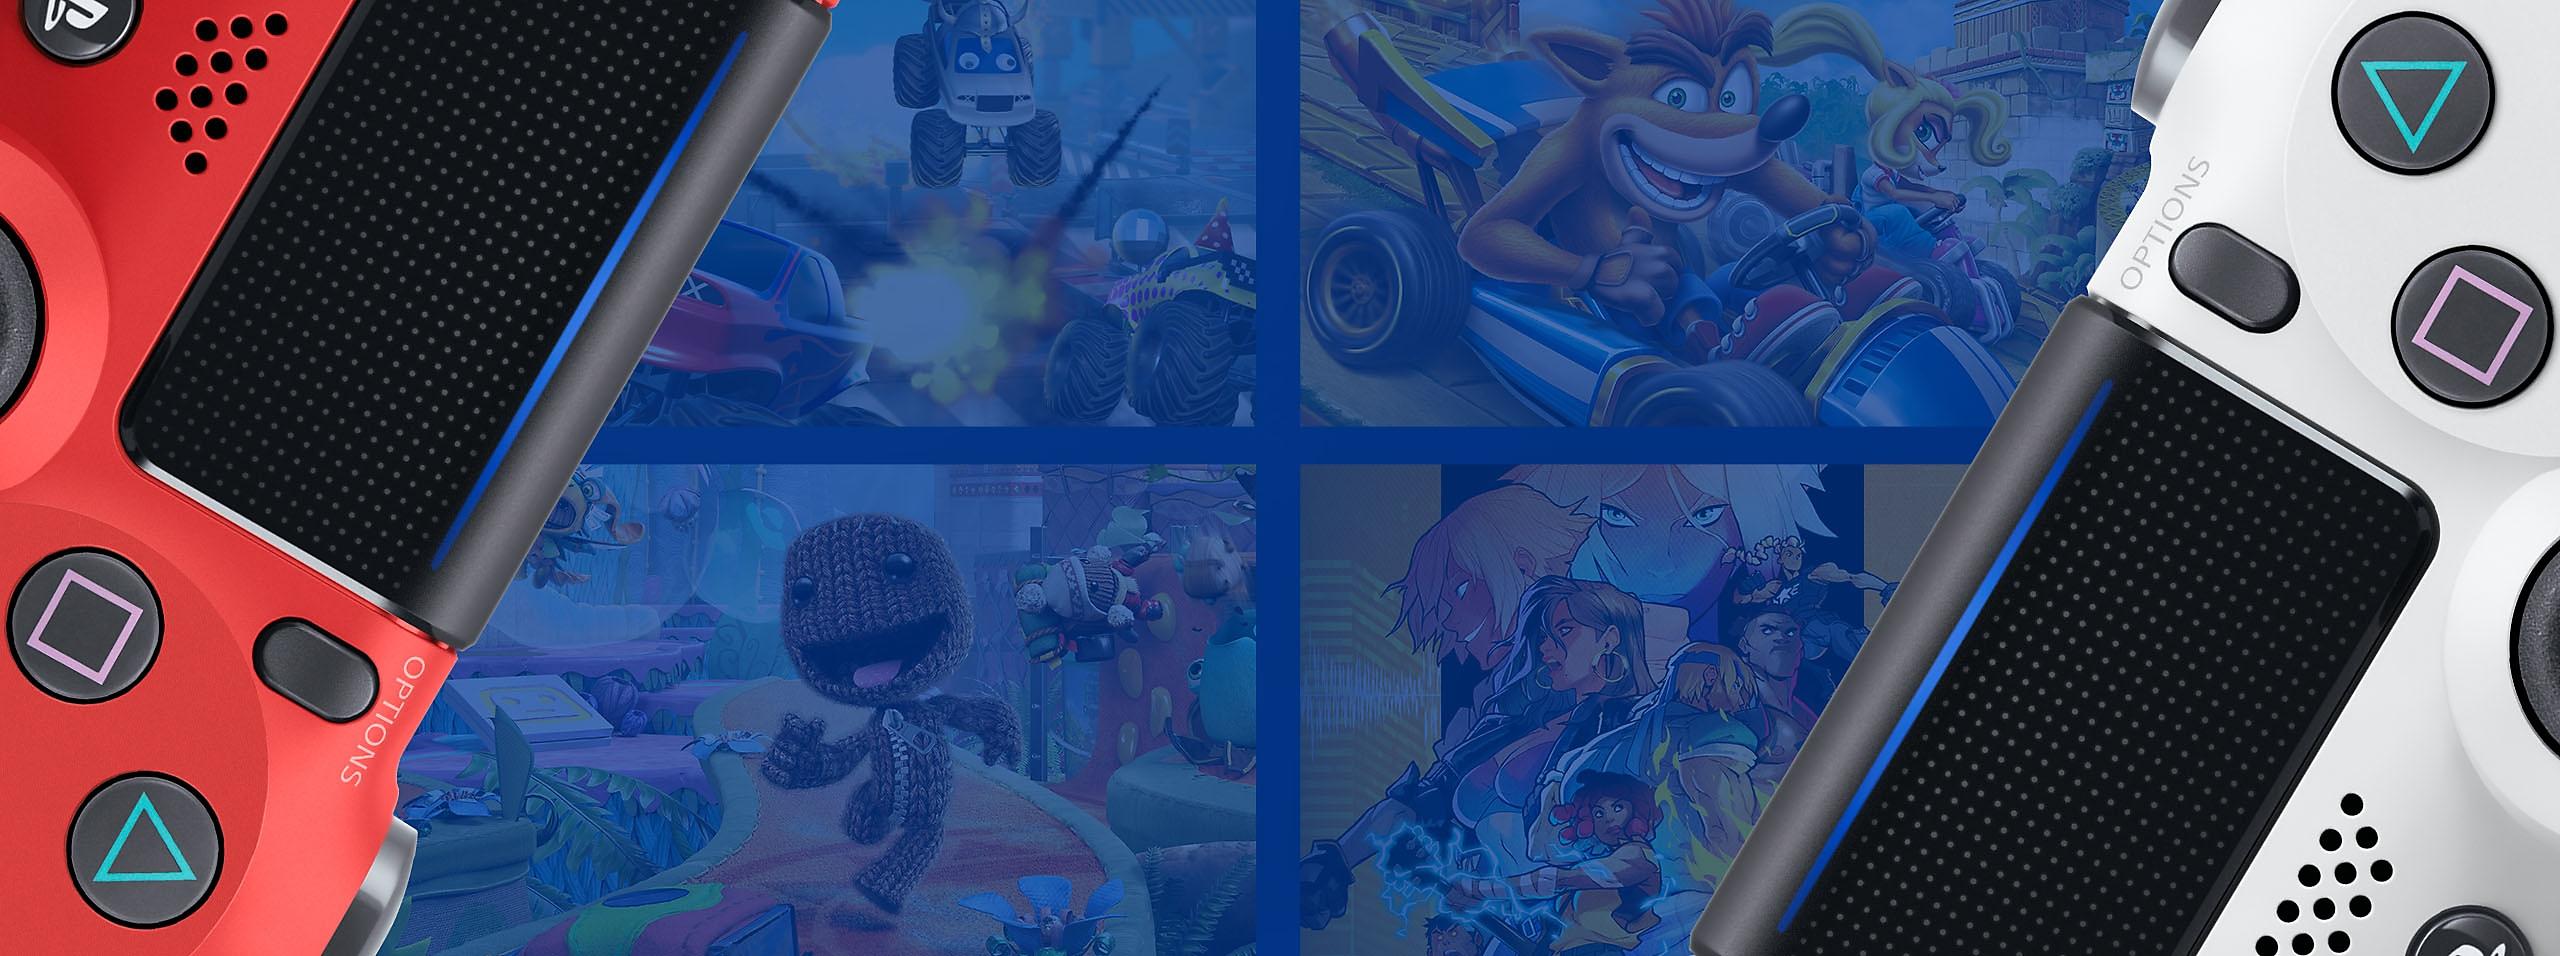 Arte promocional de Mejores juegos de multijugador de sofá de PS4